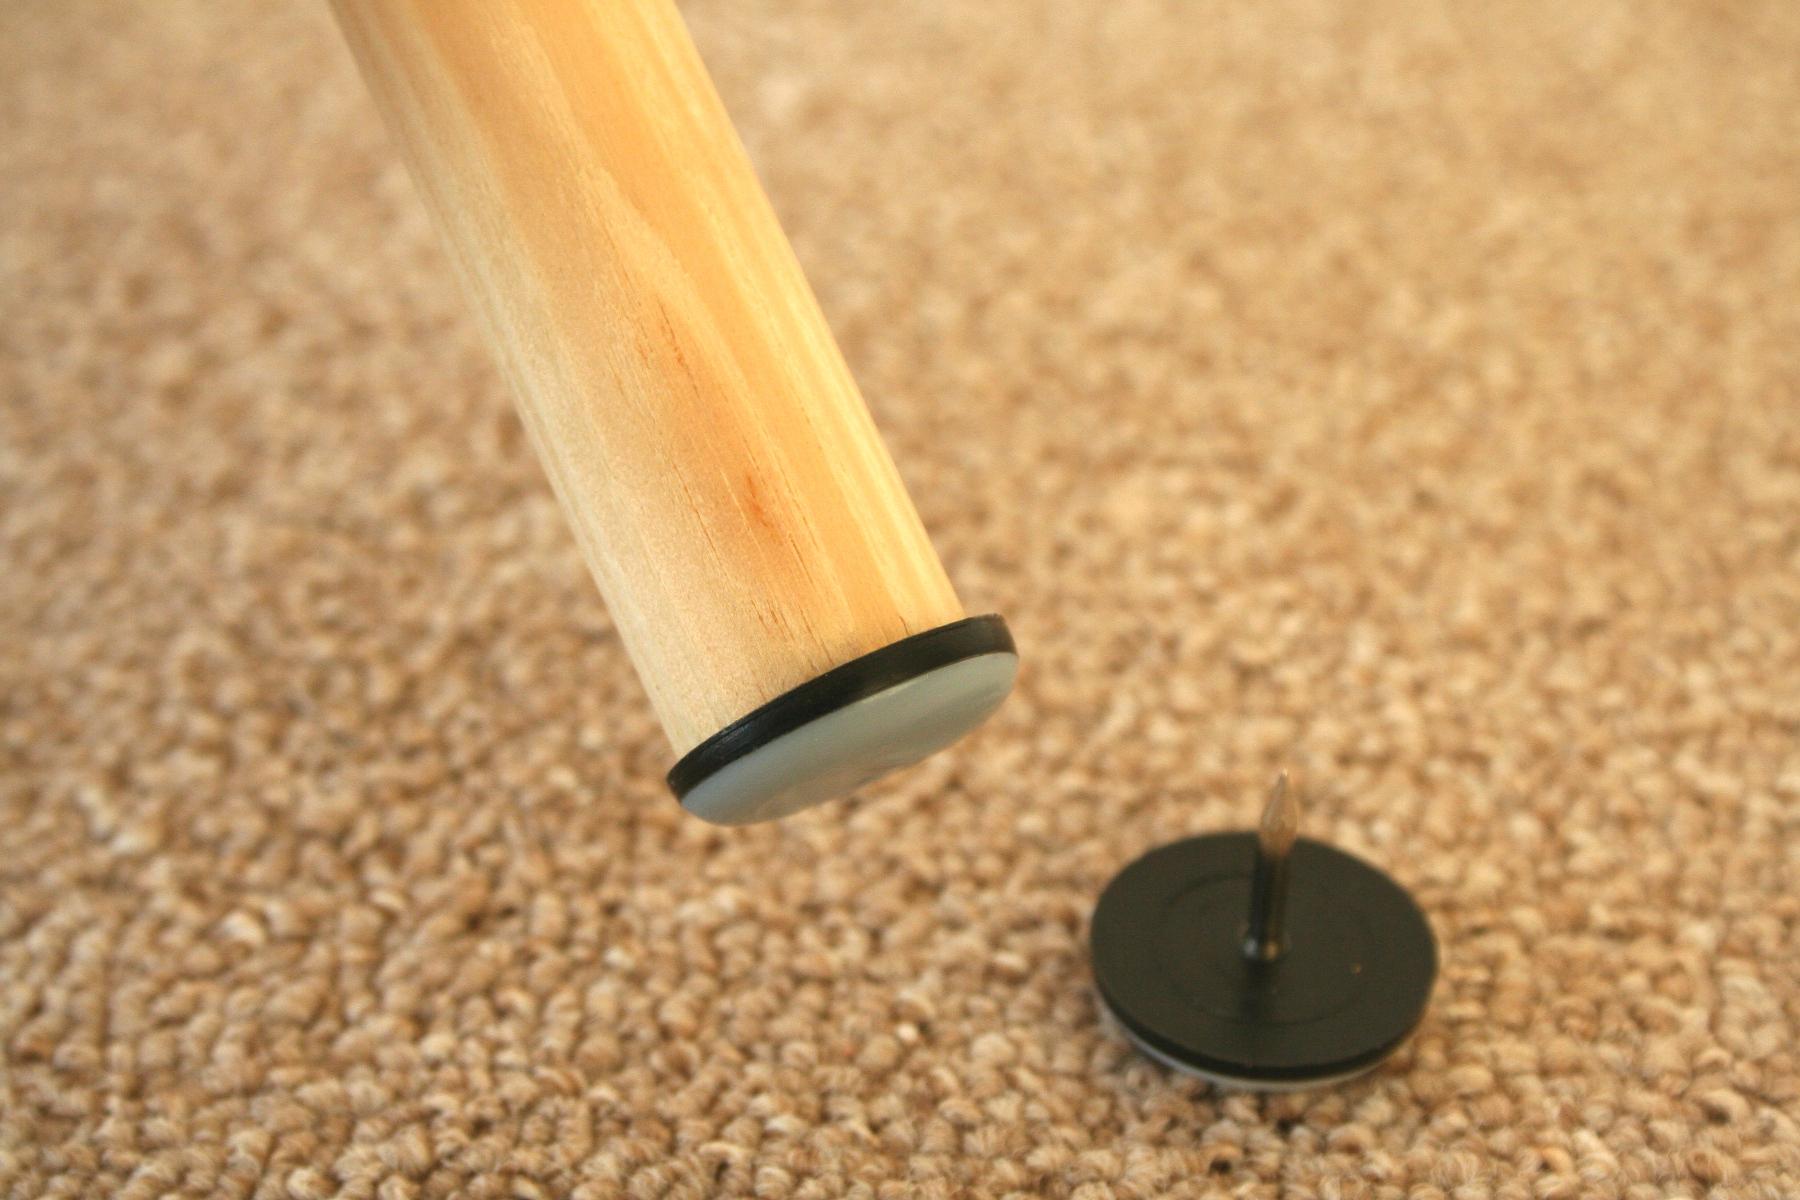 Trennwand Einziehen Ohne Fußboden Parkett Zu Beschädigen ~ Möbelgleiter allgemein archives gleitblog